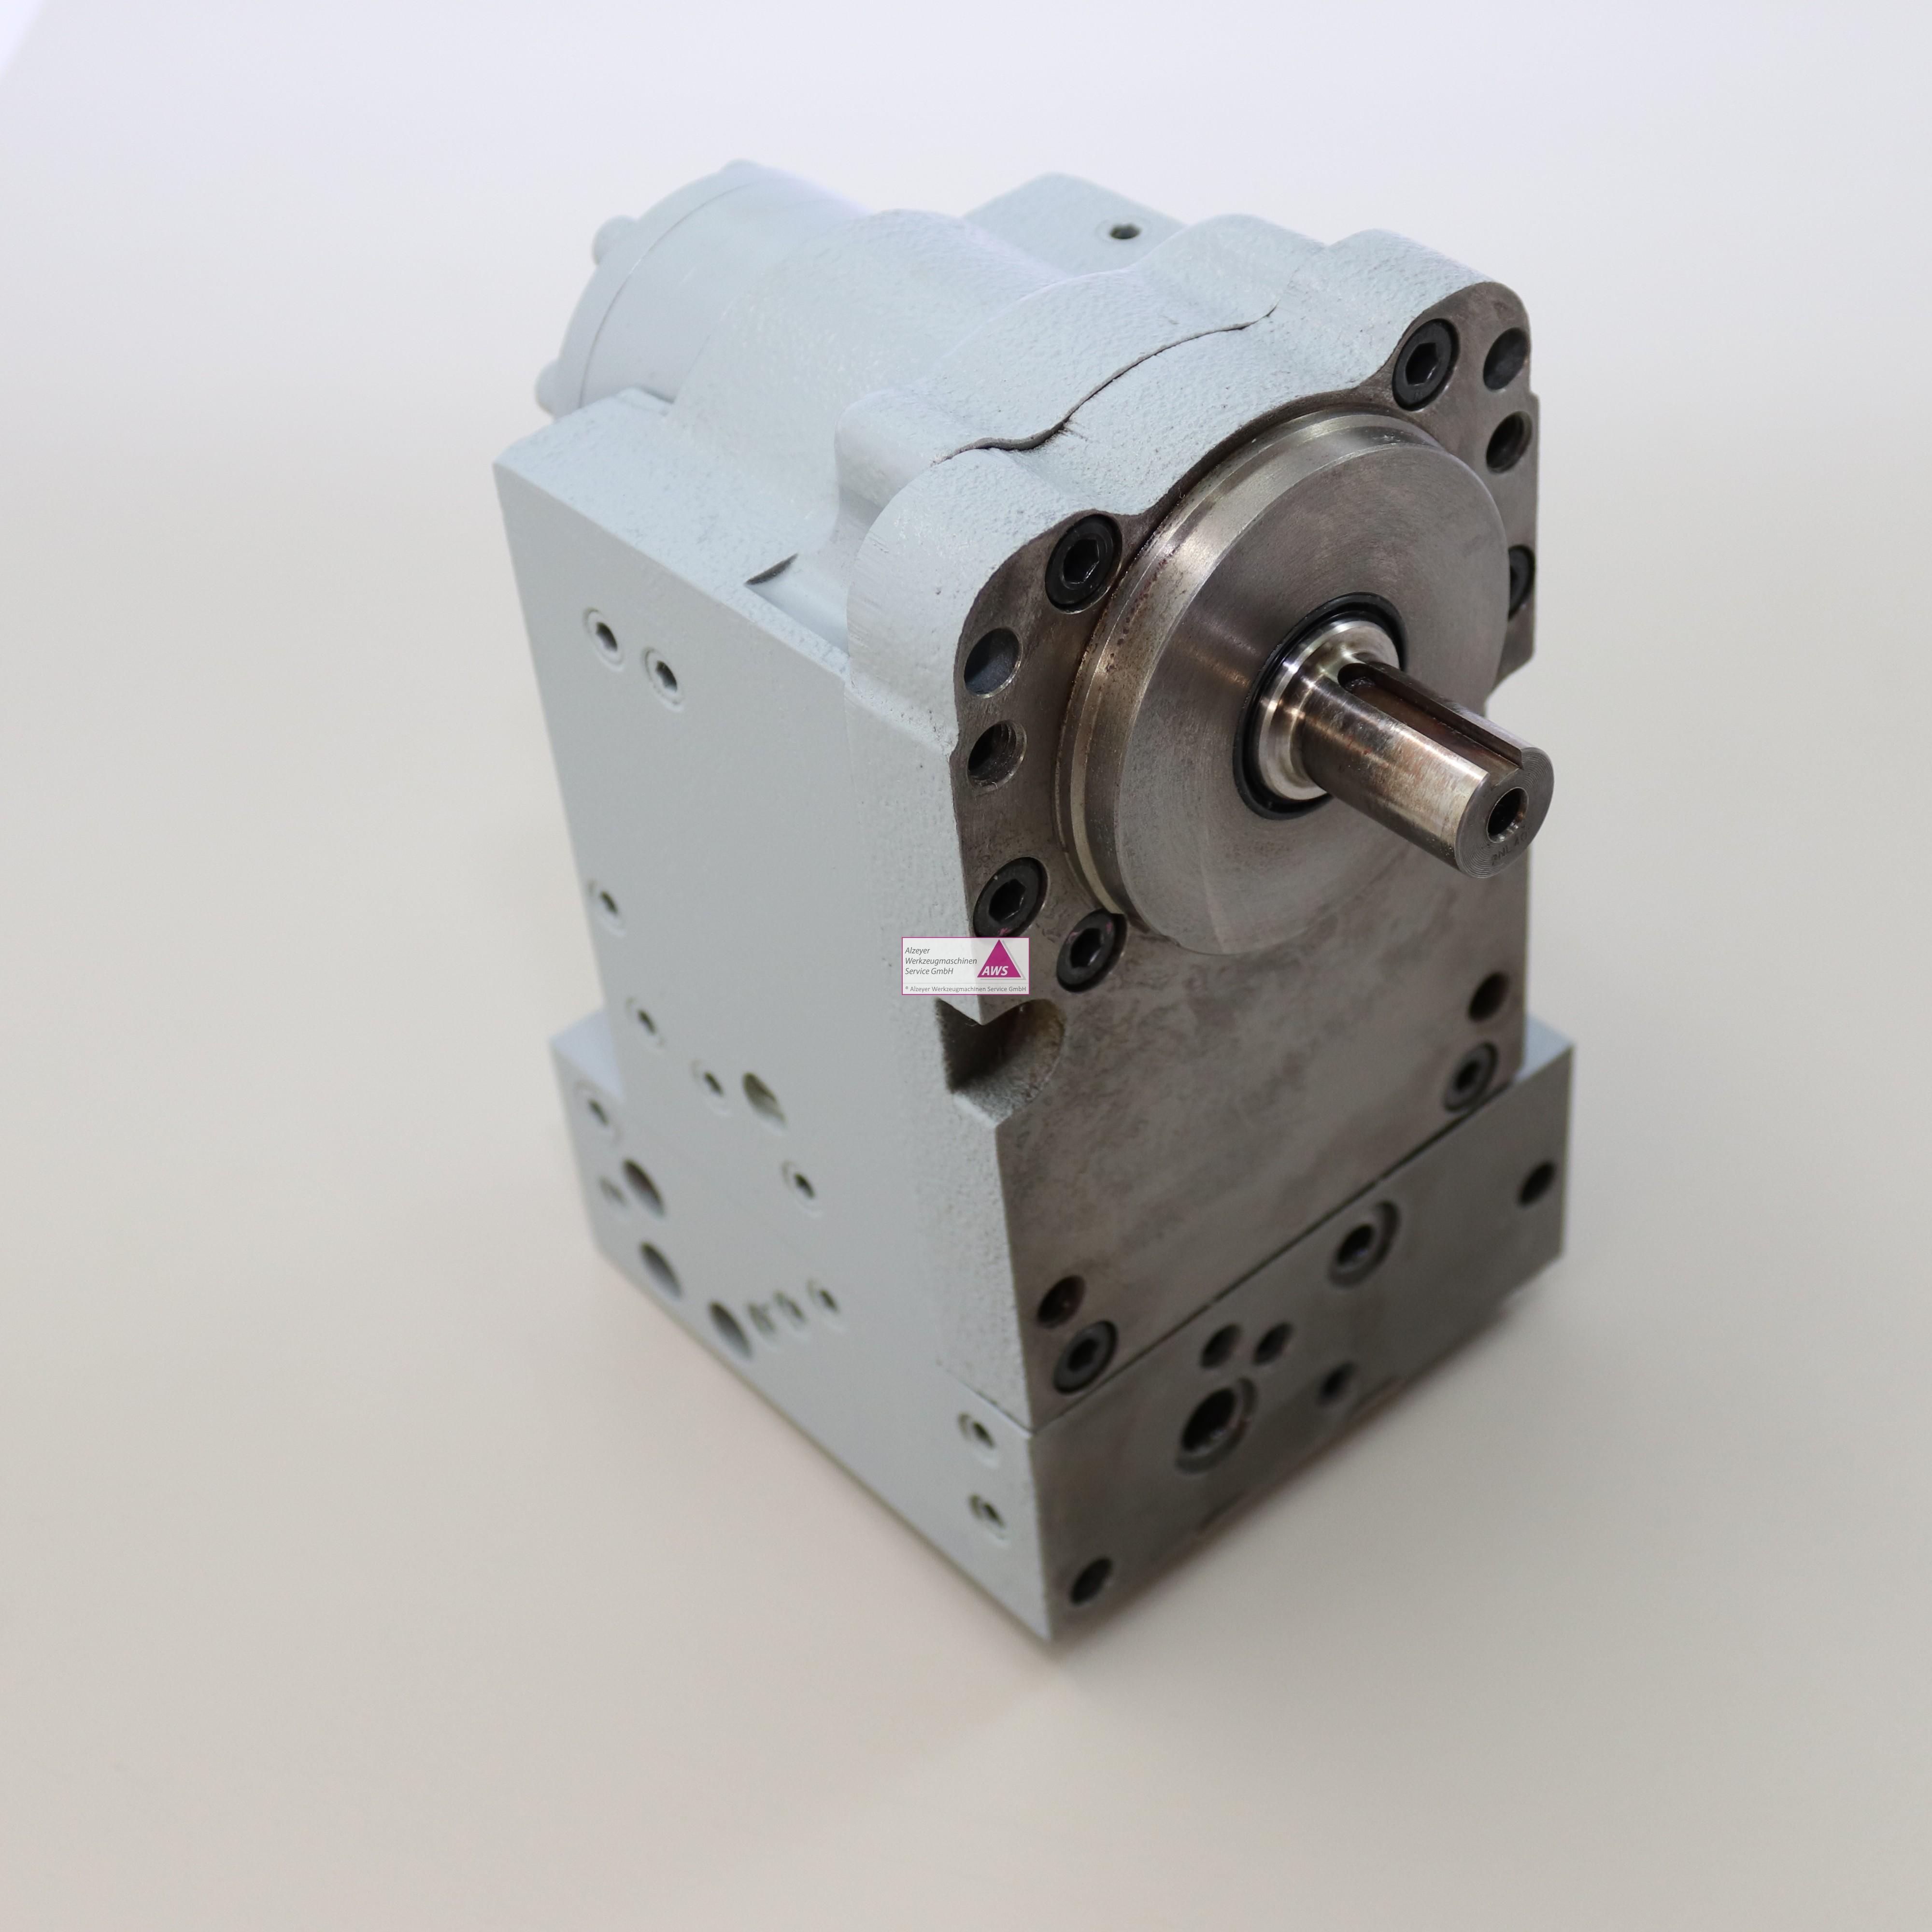 Indexmotor G10ZZ001591 für Mazak